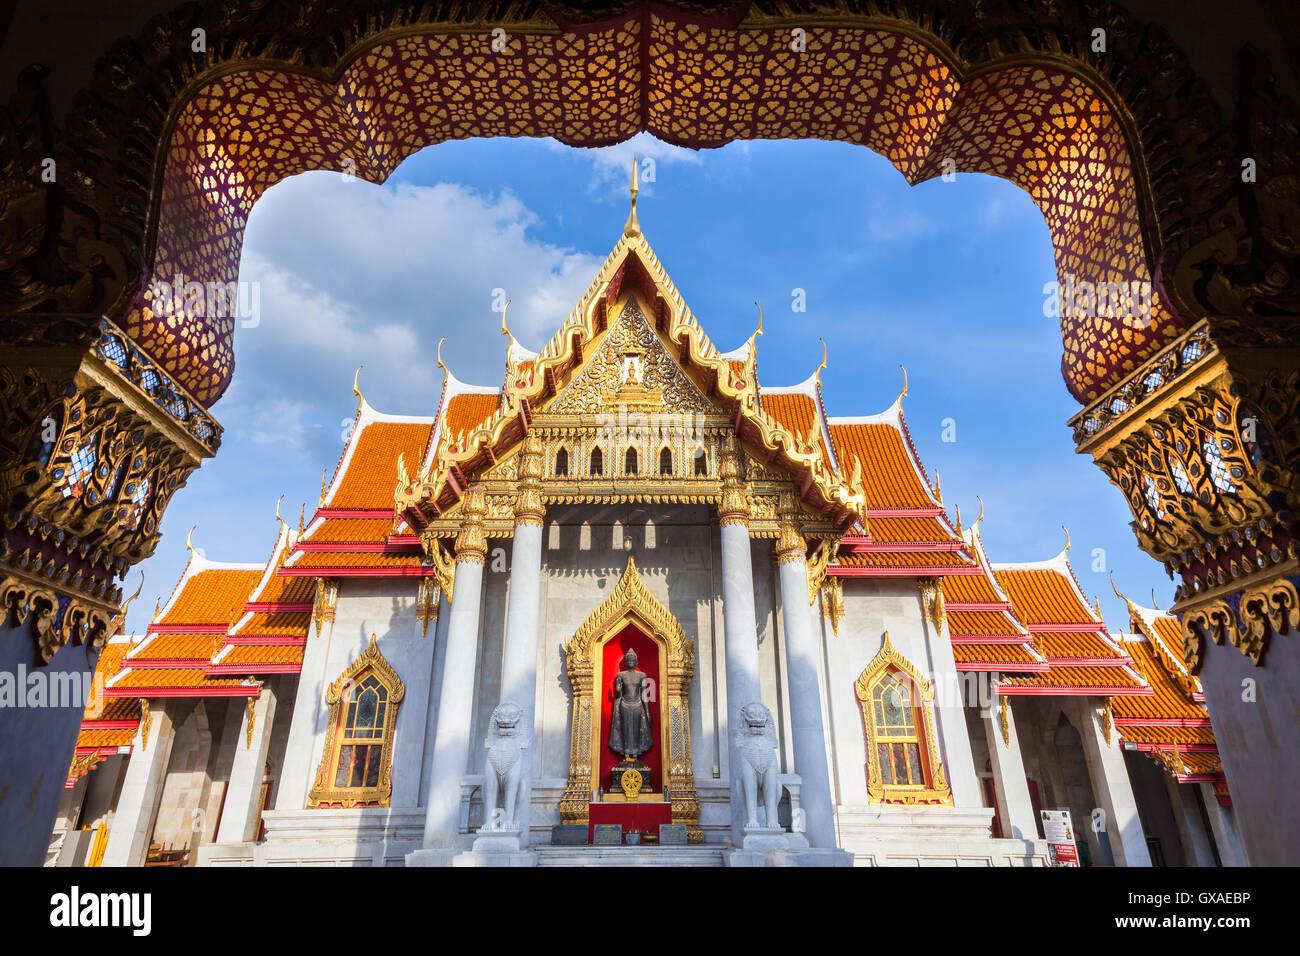 Il Wat Benchamabophit conosciuto anche come tempio in marmo al tramonto, Bangkok, Thailandia Immagini Stock